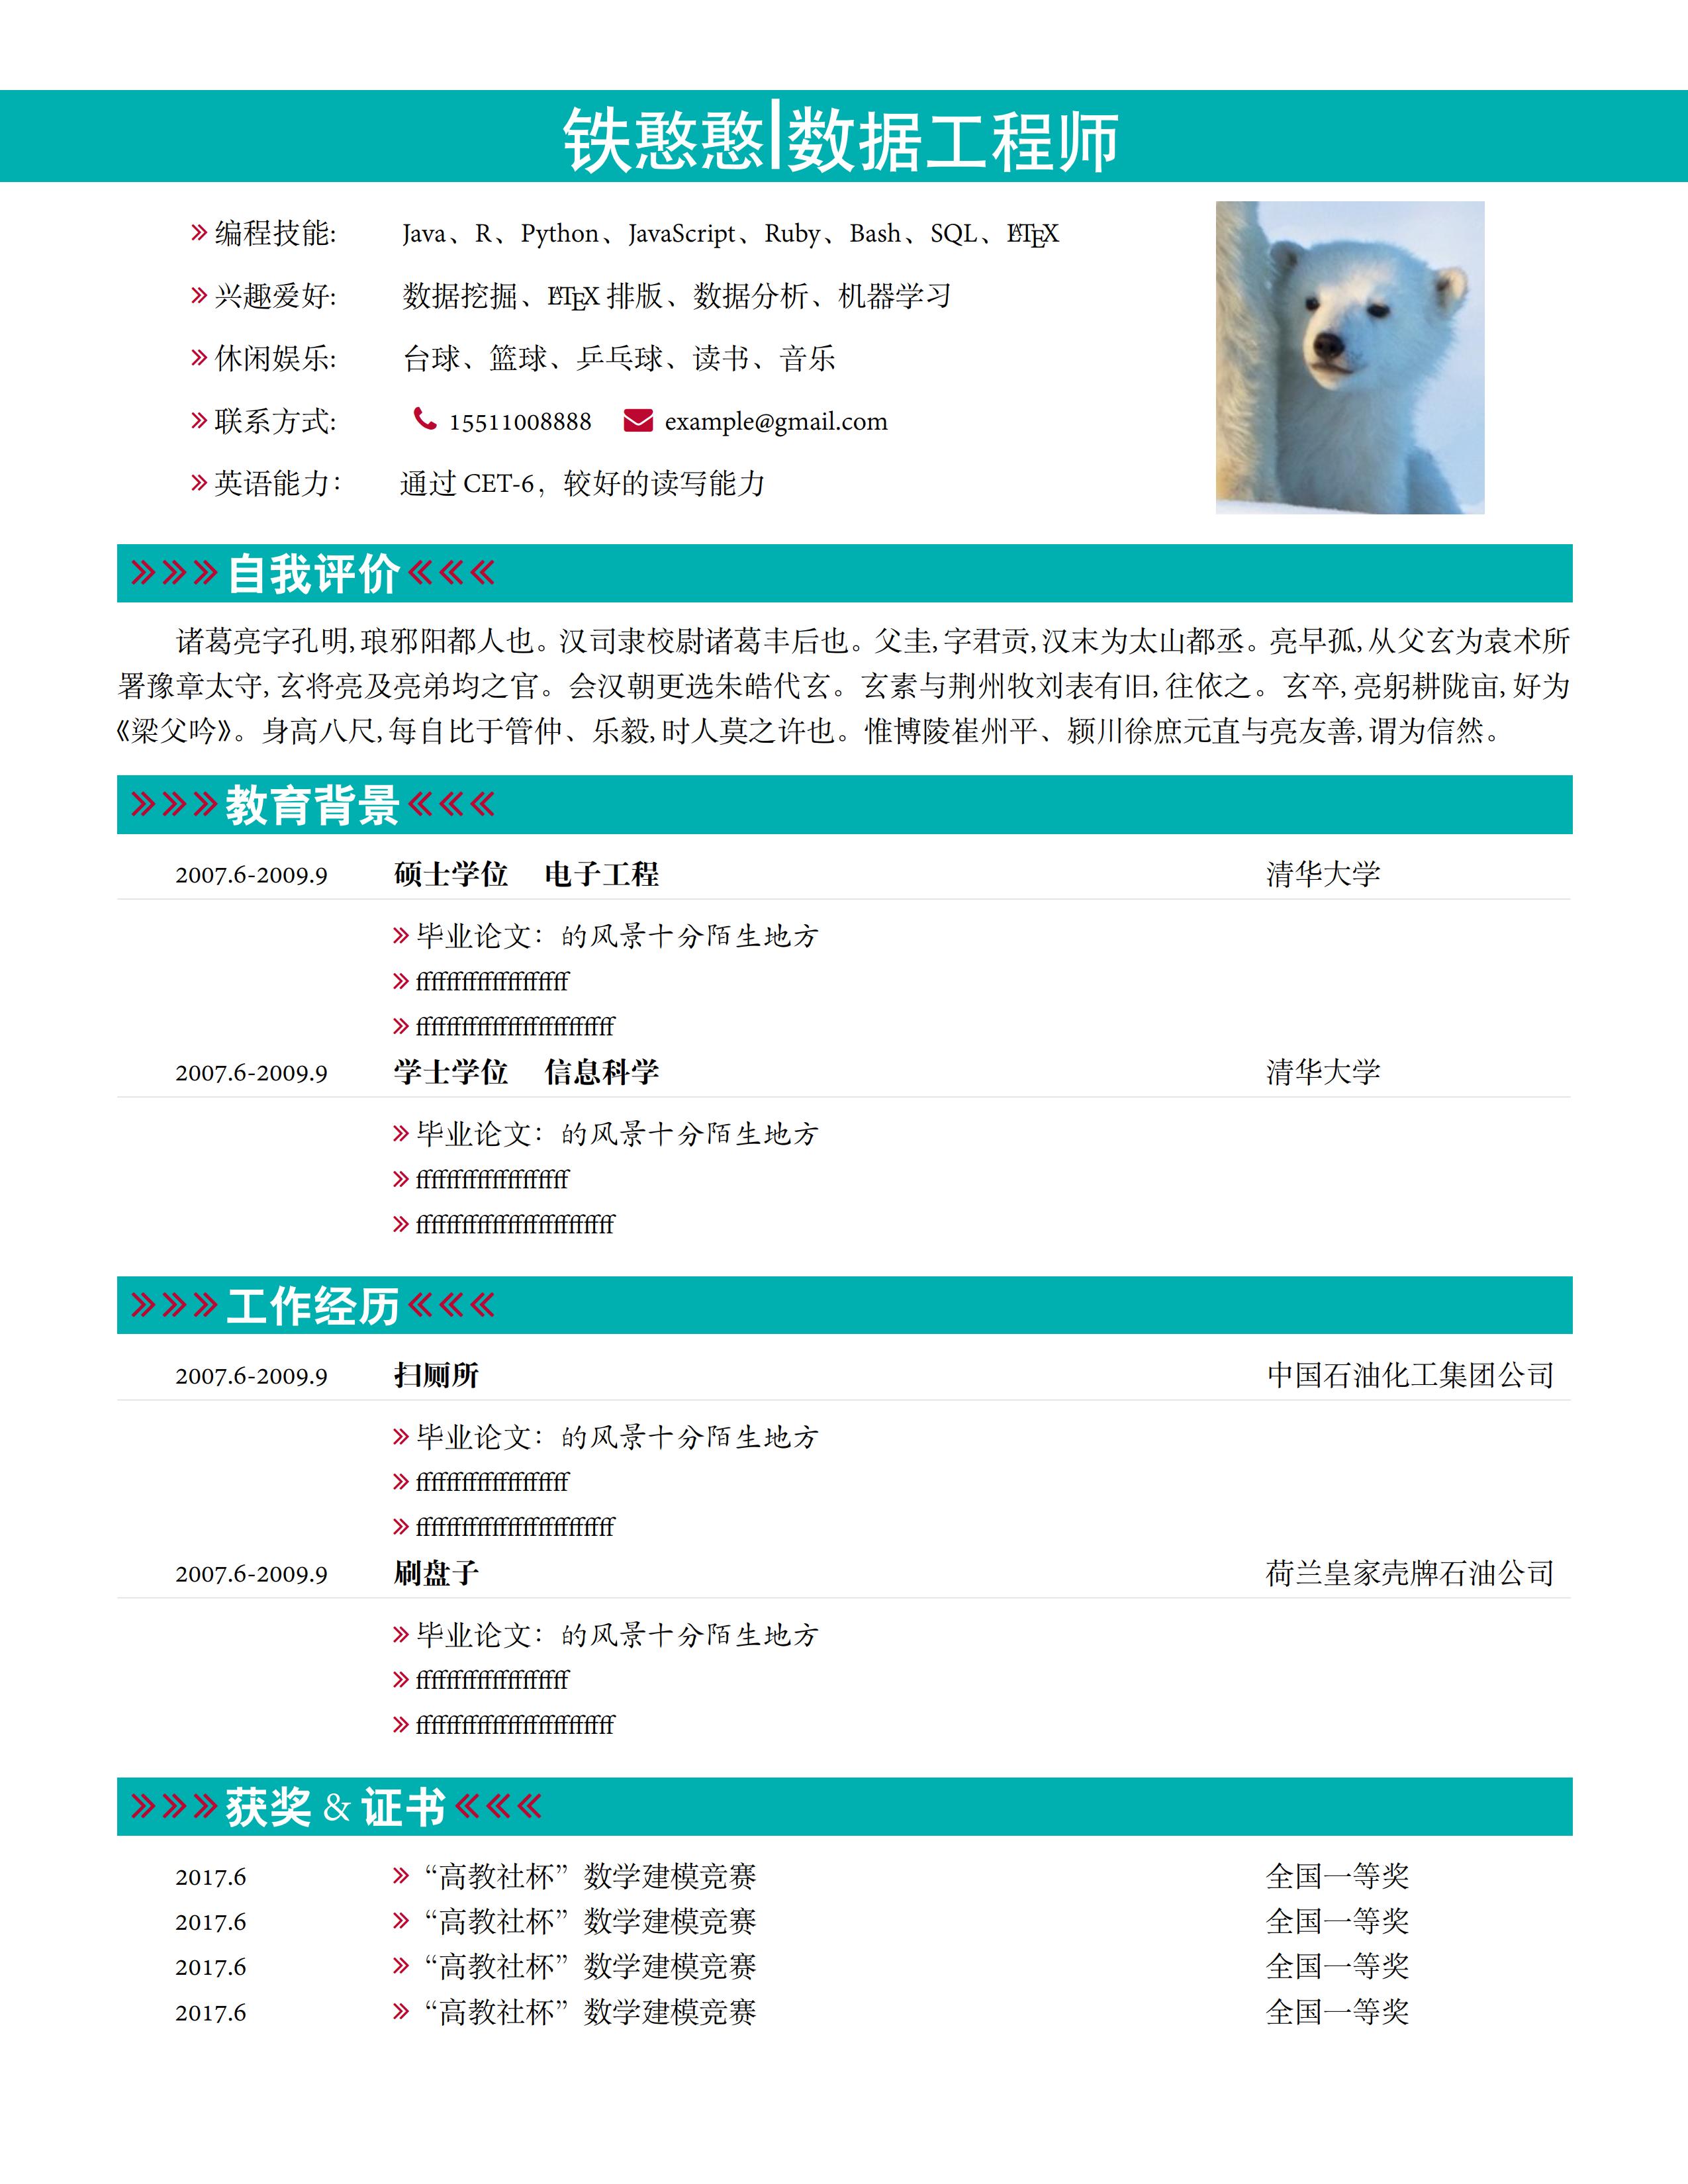 """""""清凉""""配色的单栏中文简历"""